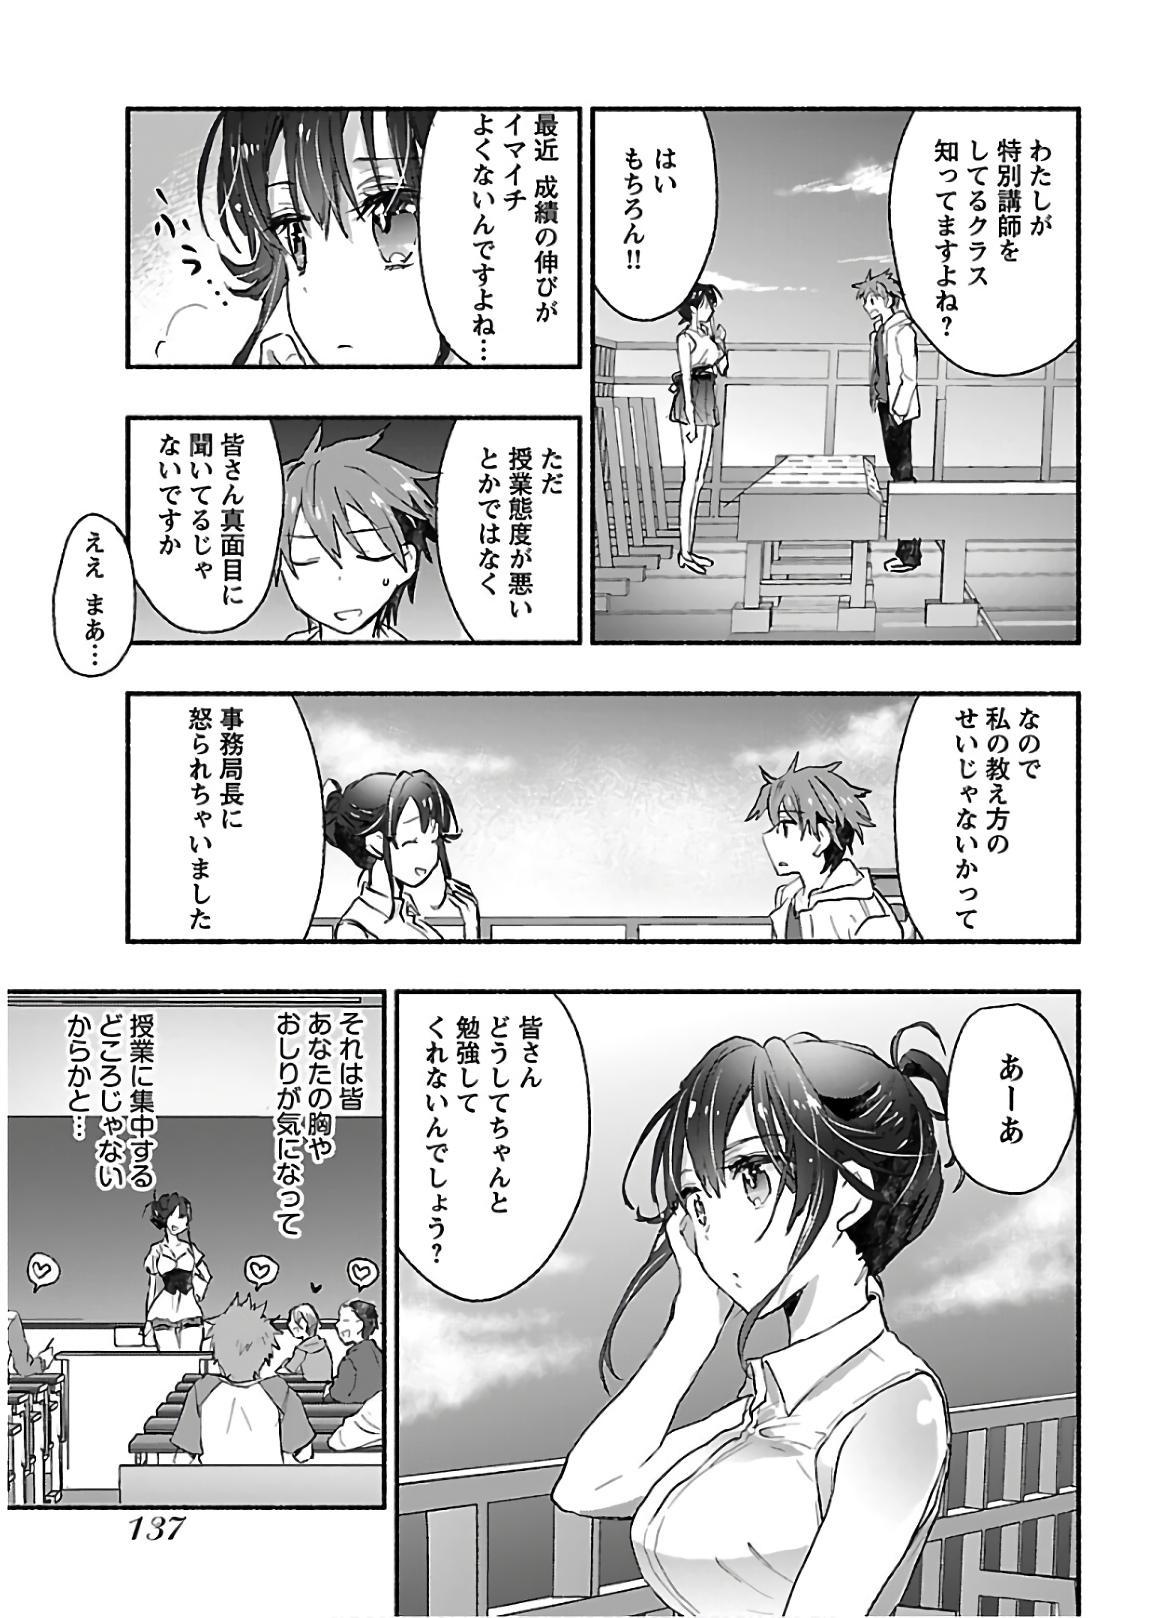 Yankii musume ni natsukarete kotoshi mo juken ni shippai shisou desu  vol.1 138